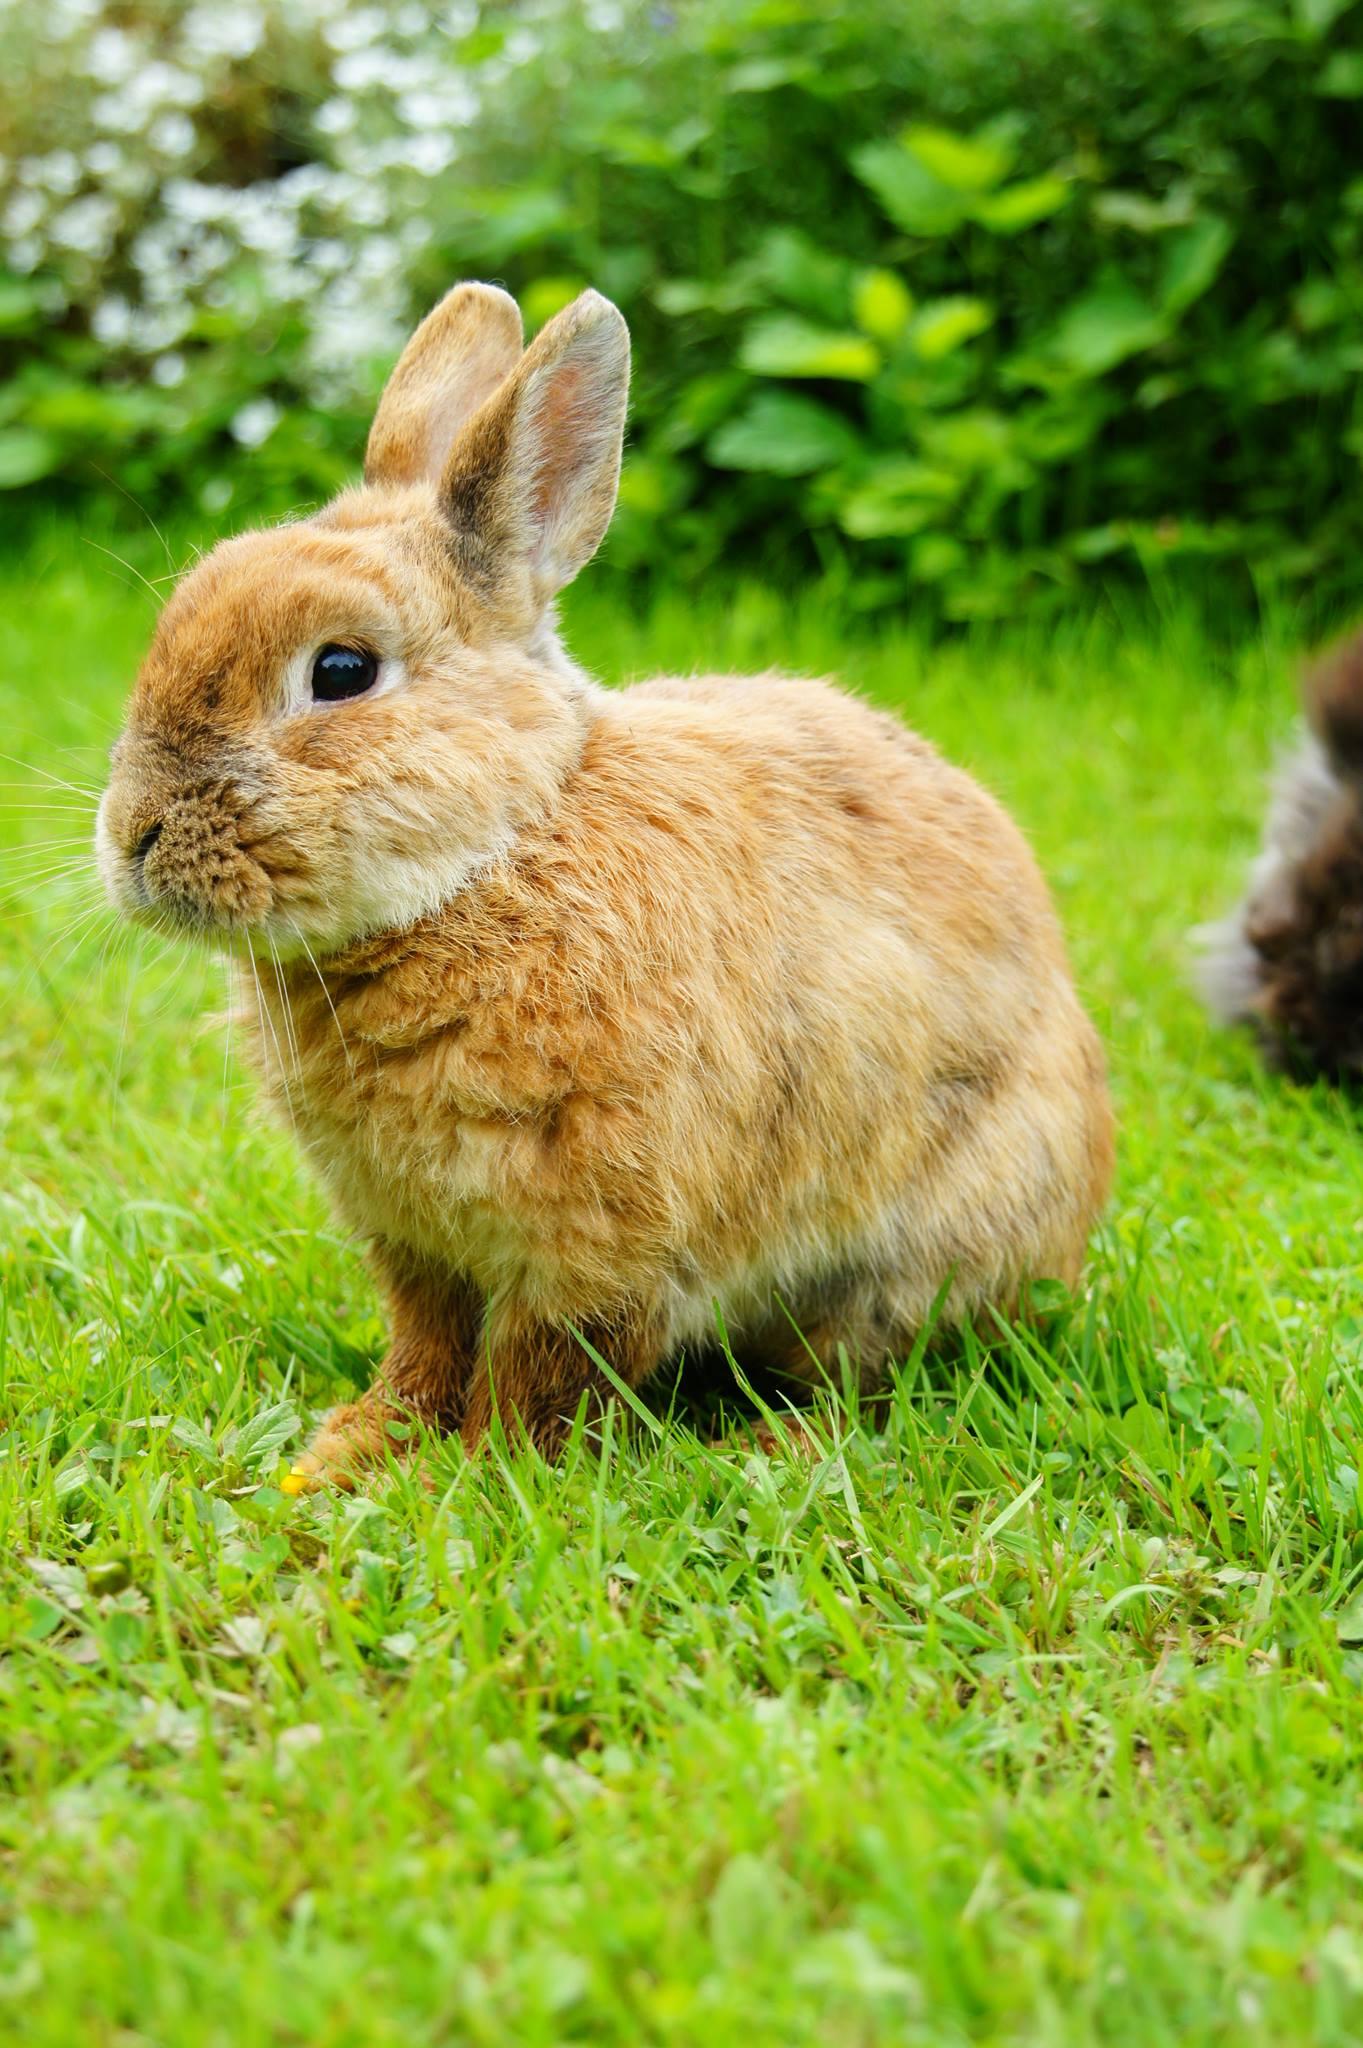 abschied nehmen kaninchenhilfe deutschland e v aktiv f r kaninchen. Black Bedroom Furniture Sets. Home Design Ideas